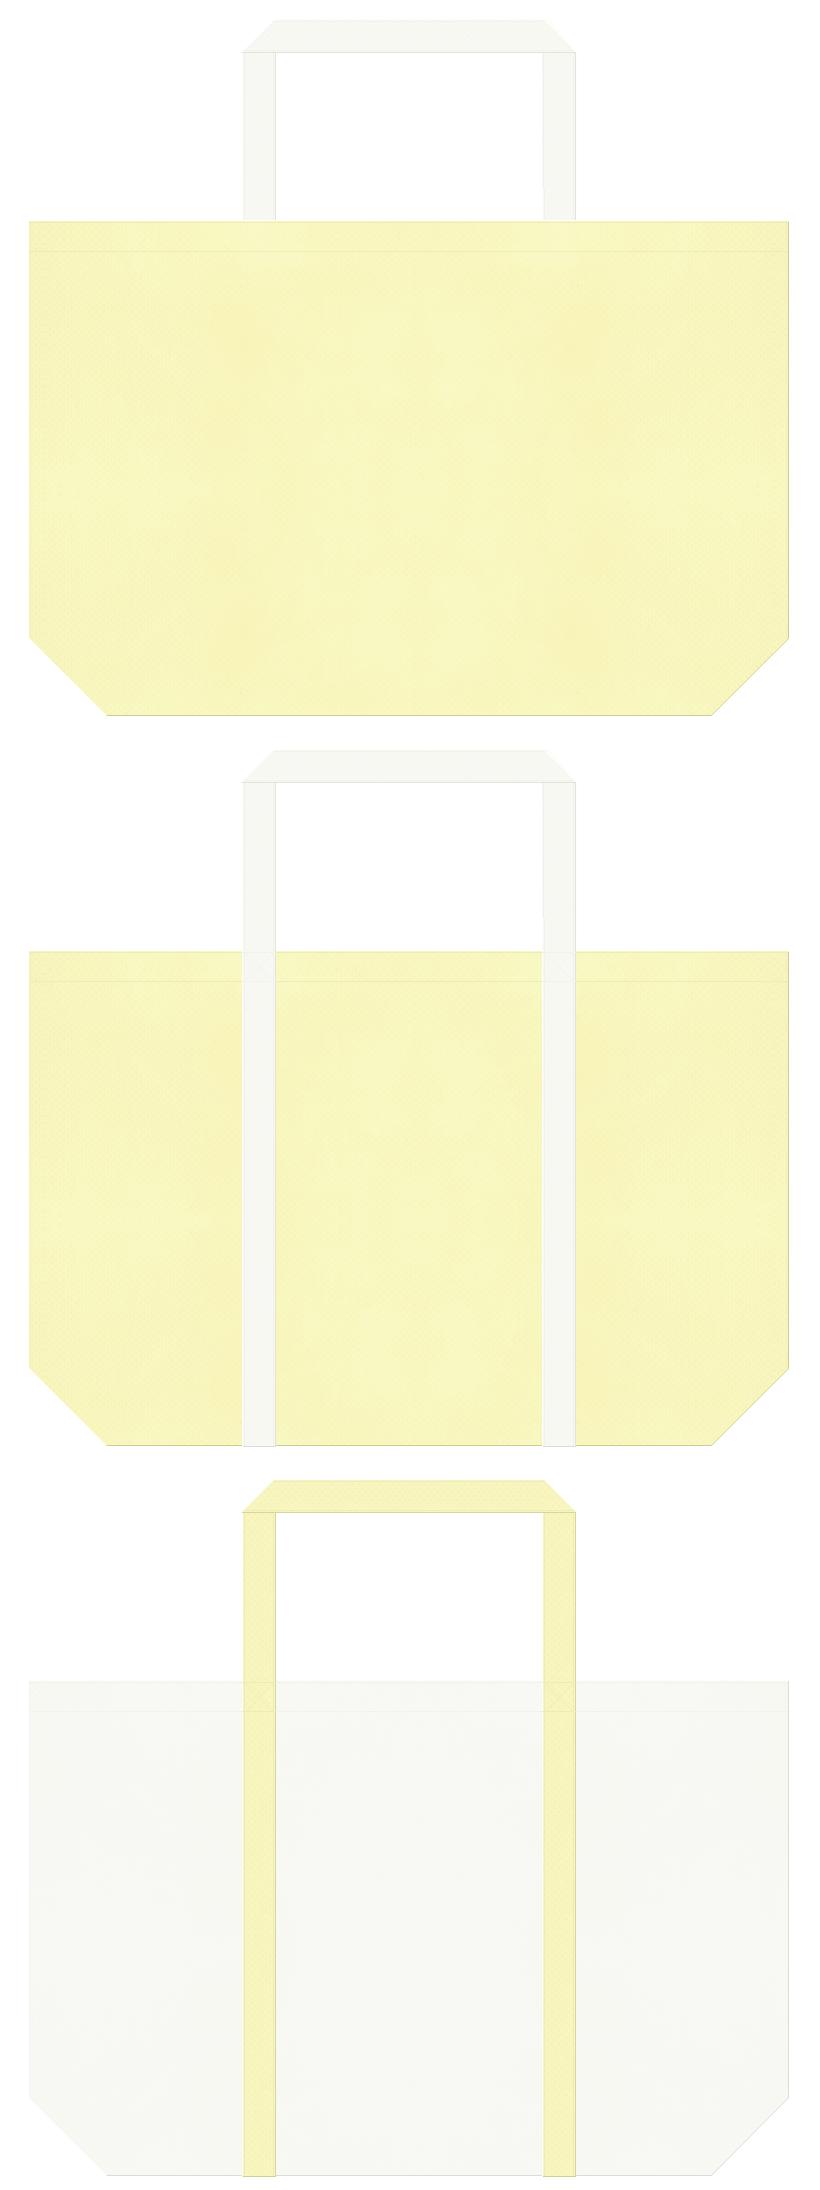 ユニットバス・電球・照明器具・保育・福祉・介護・医療・パステルカラー・ガーリーデザイン・マーガリン・乳製品・クリーム・ミルク・チーズケーキ・ロールケーキ・スイーツ・和菓子にお奨めの不織布バッグデザイン:薄黄色とオフホワイト色のコーデ